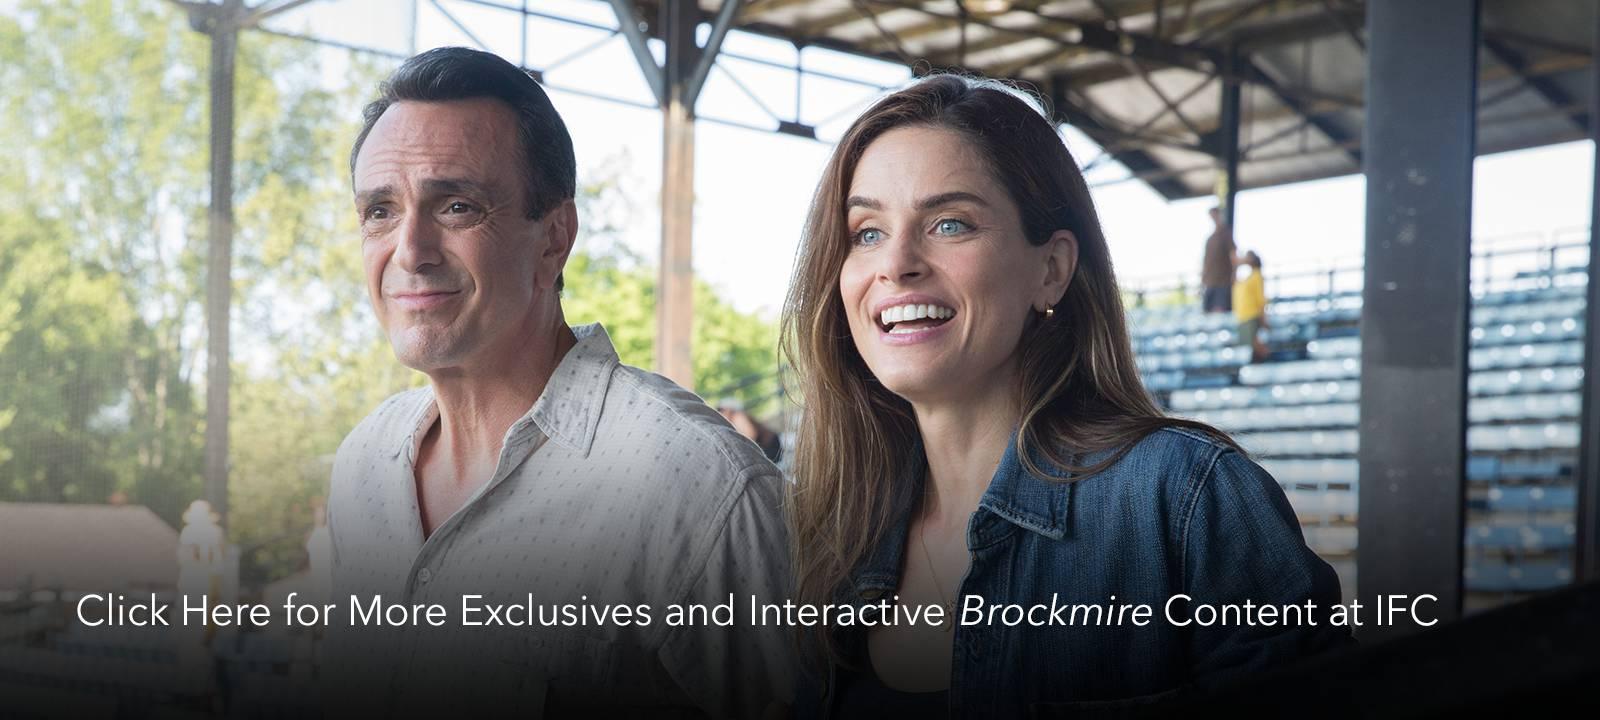 Brockmire-interactive-800×600